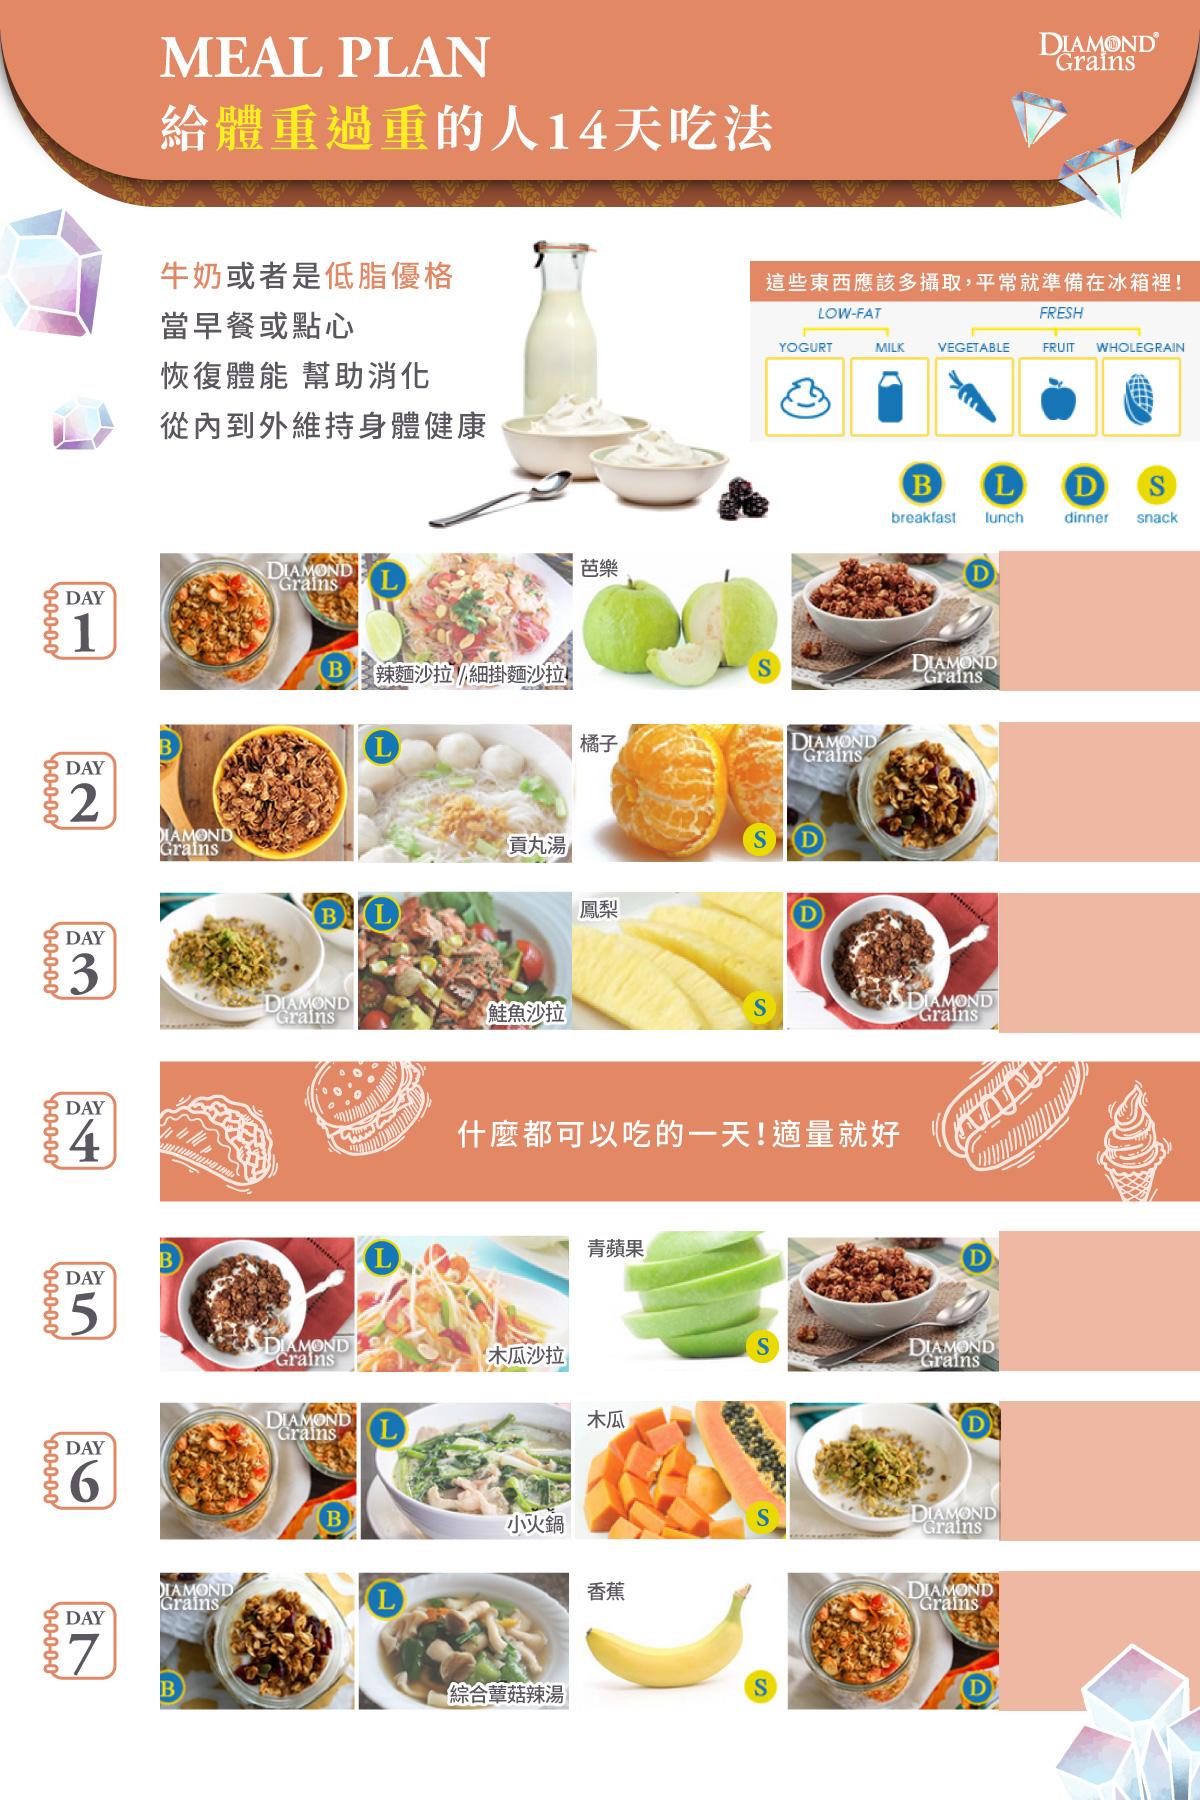 過重體重 7日建議菜單